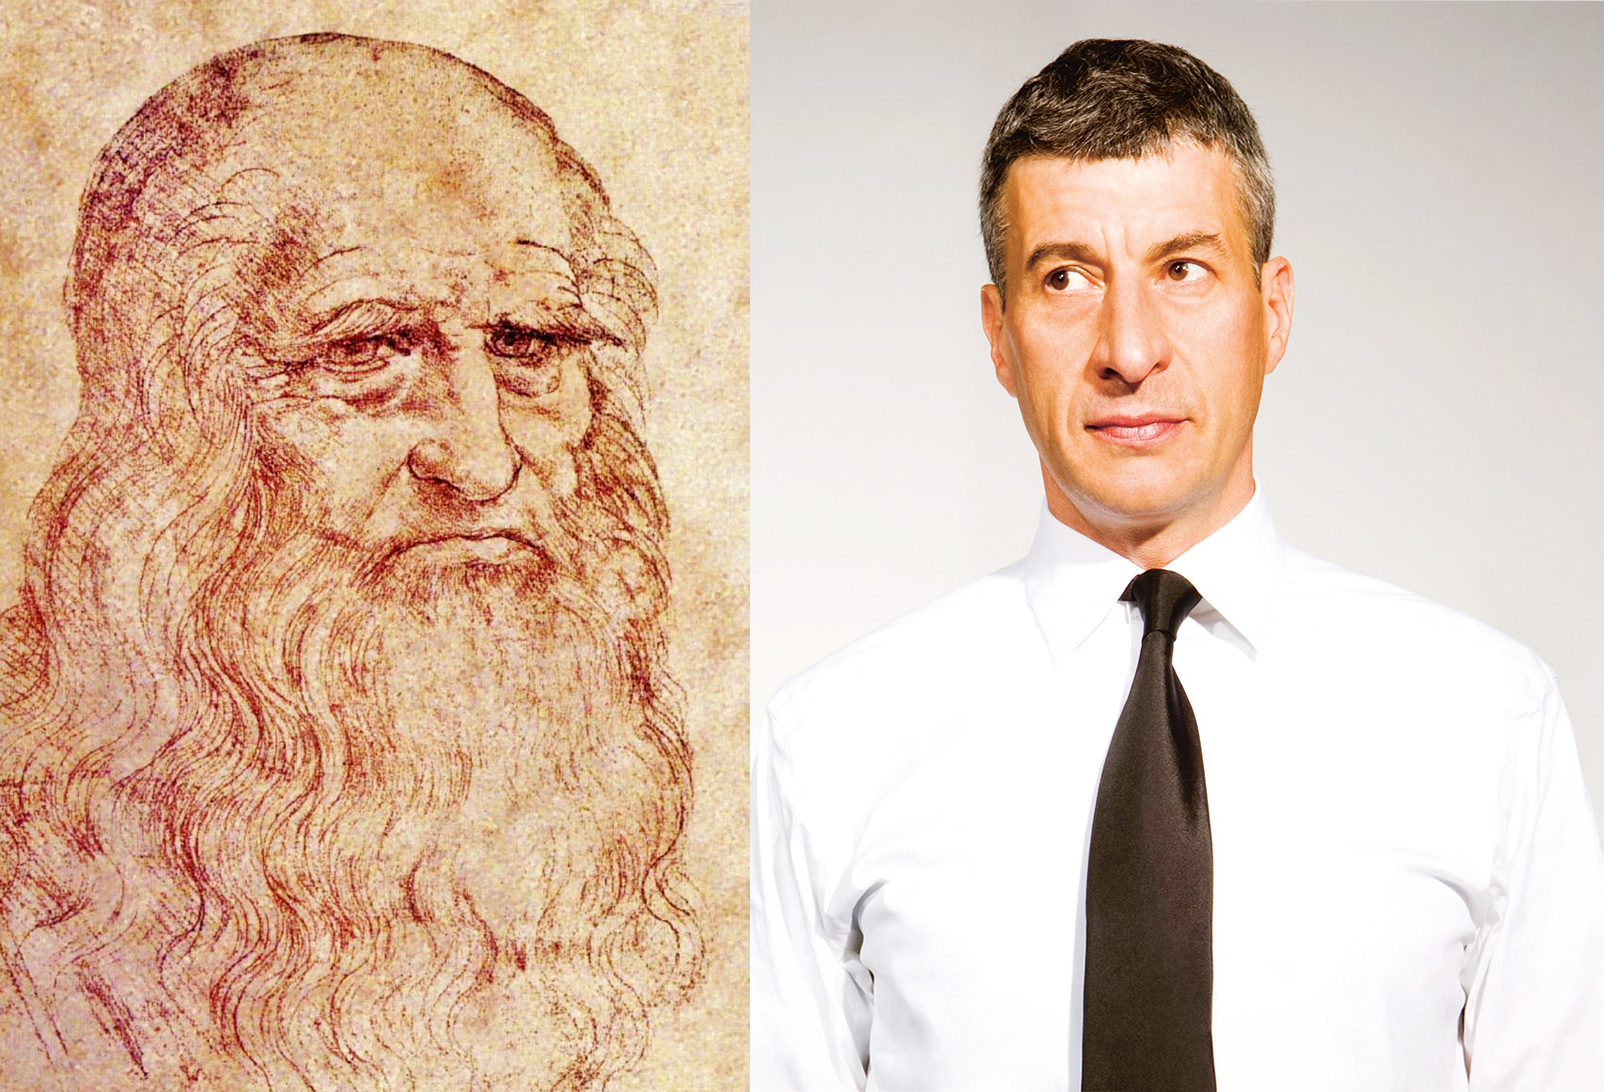 Da Leonardo a Cattelan, 460 anni di arte italiana all'asta: i nomi nella Artprice Top500 artist